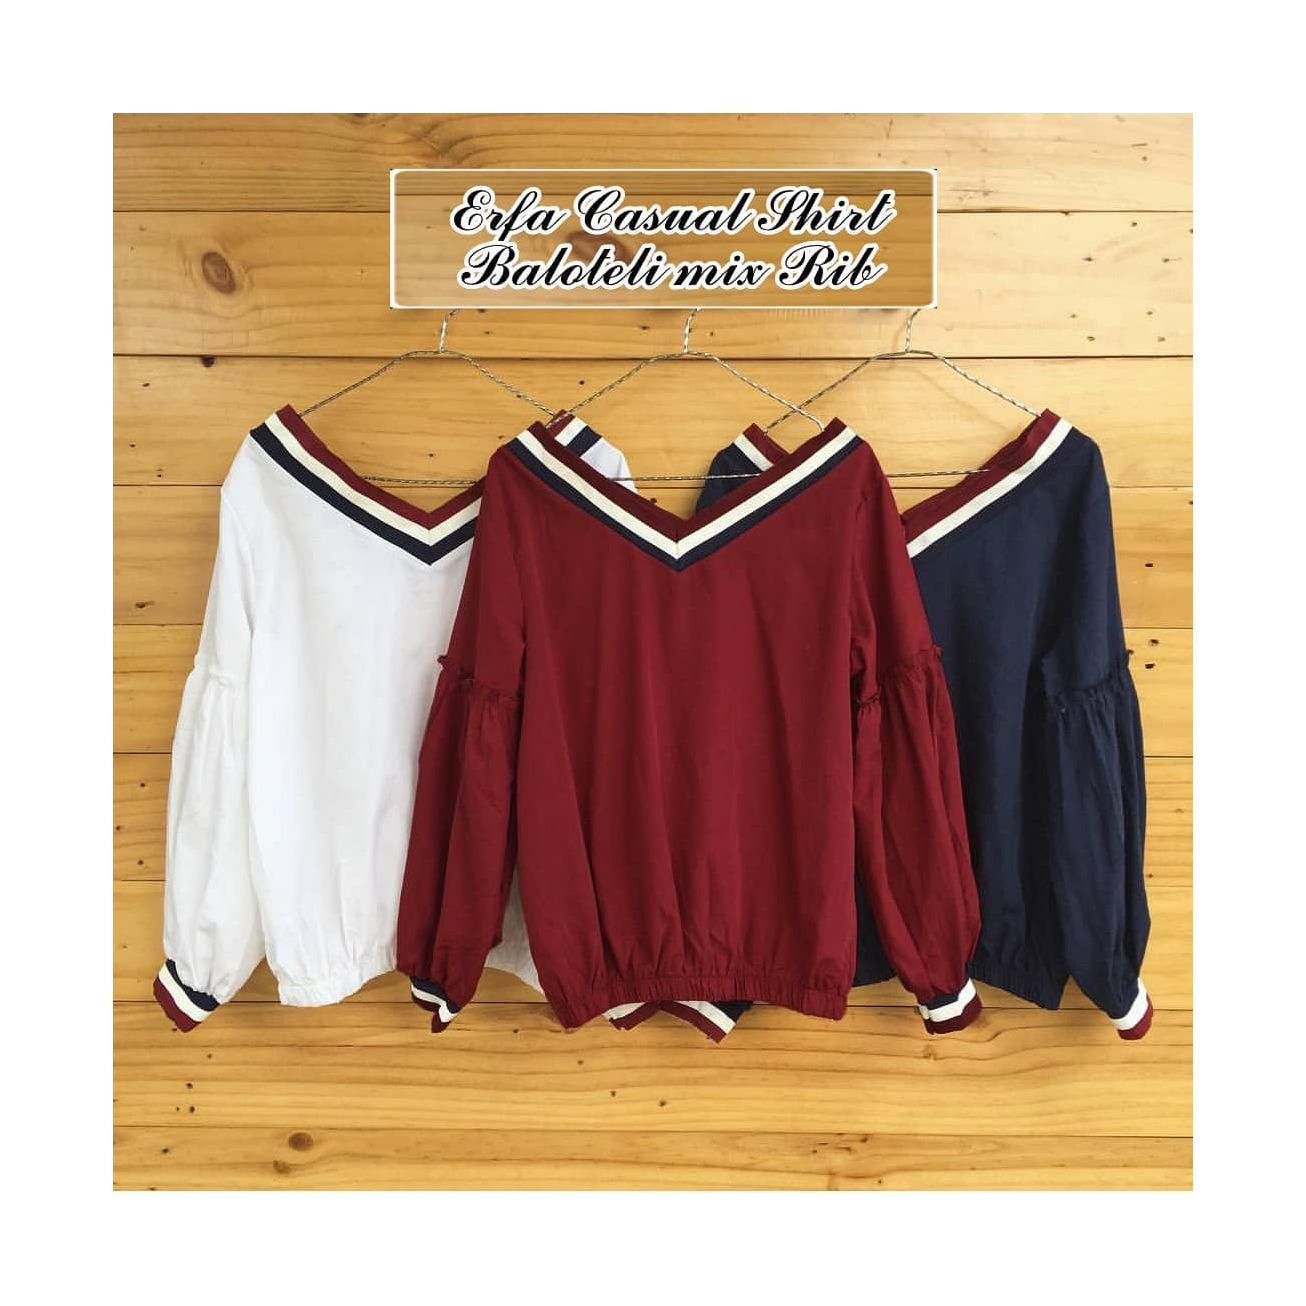 Baju Original Erfa Casual Shirt Pakaian Wanita Muslim Modern Atasan Cewek Muslimah Blouse Top Simple Trend 2018